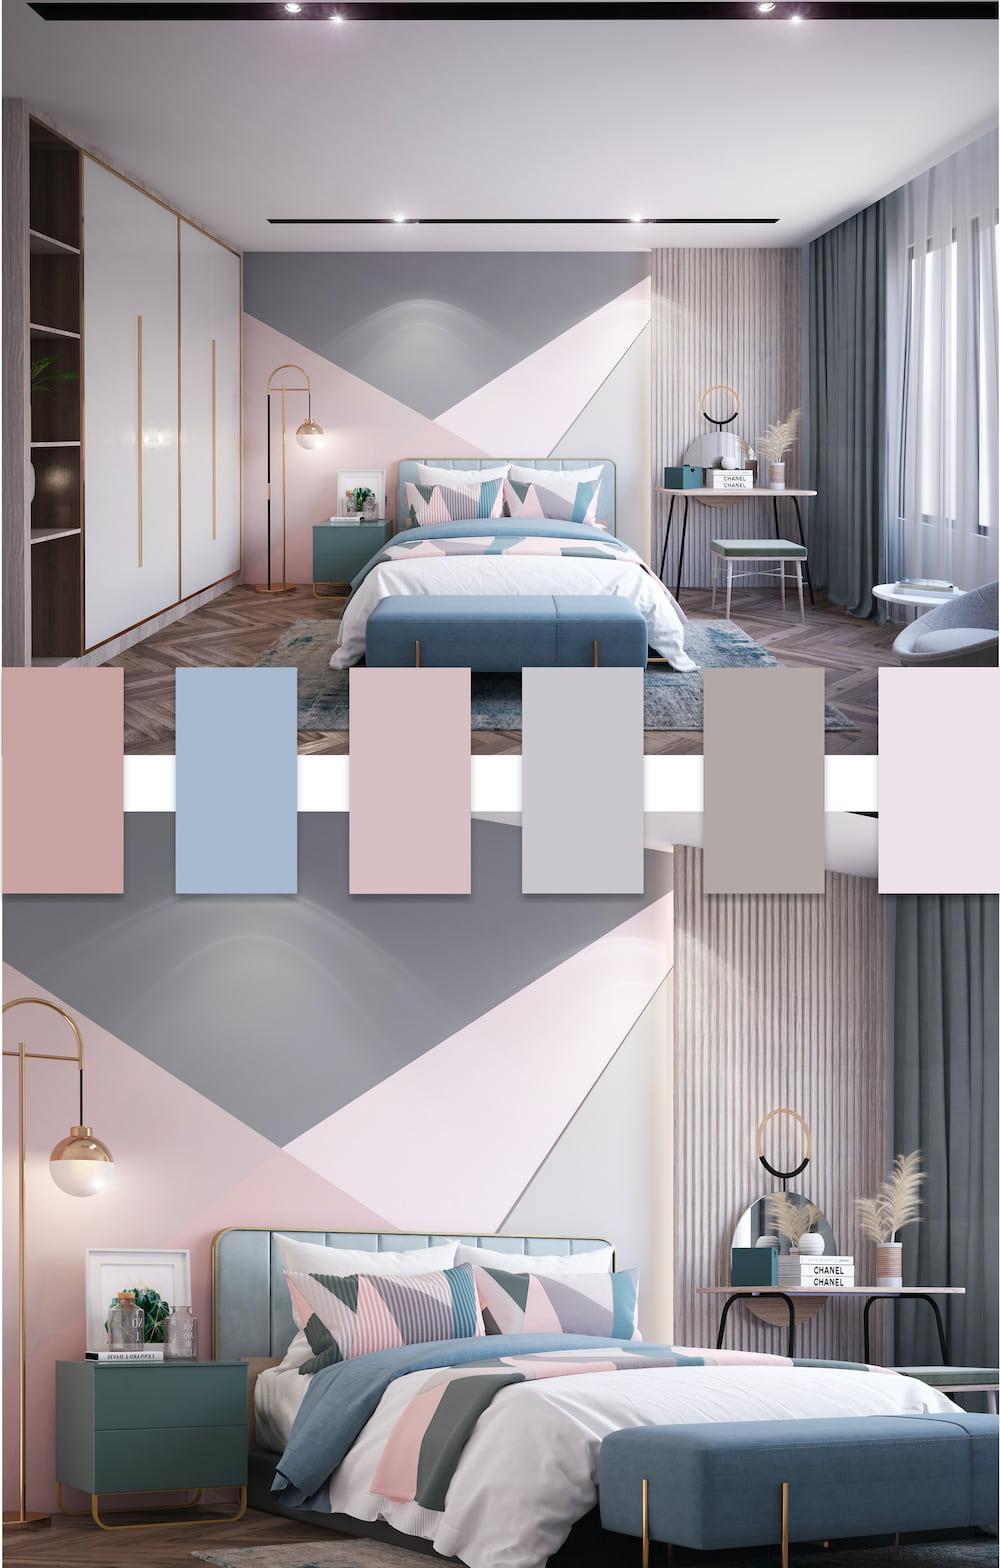 Шикарная кровать подходящая по цвету и стилистике розовой спальне